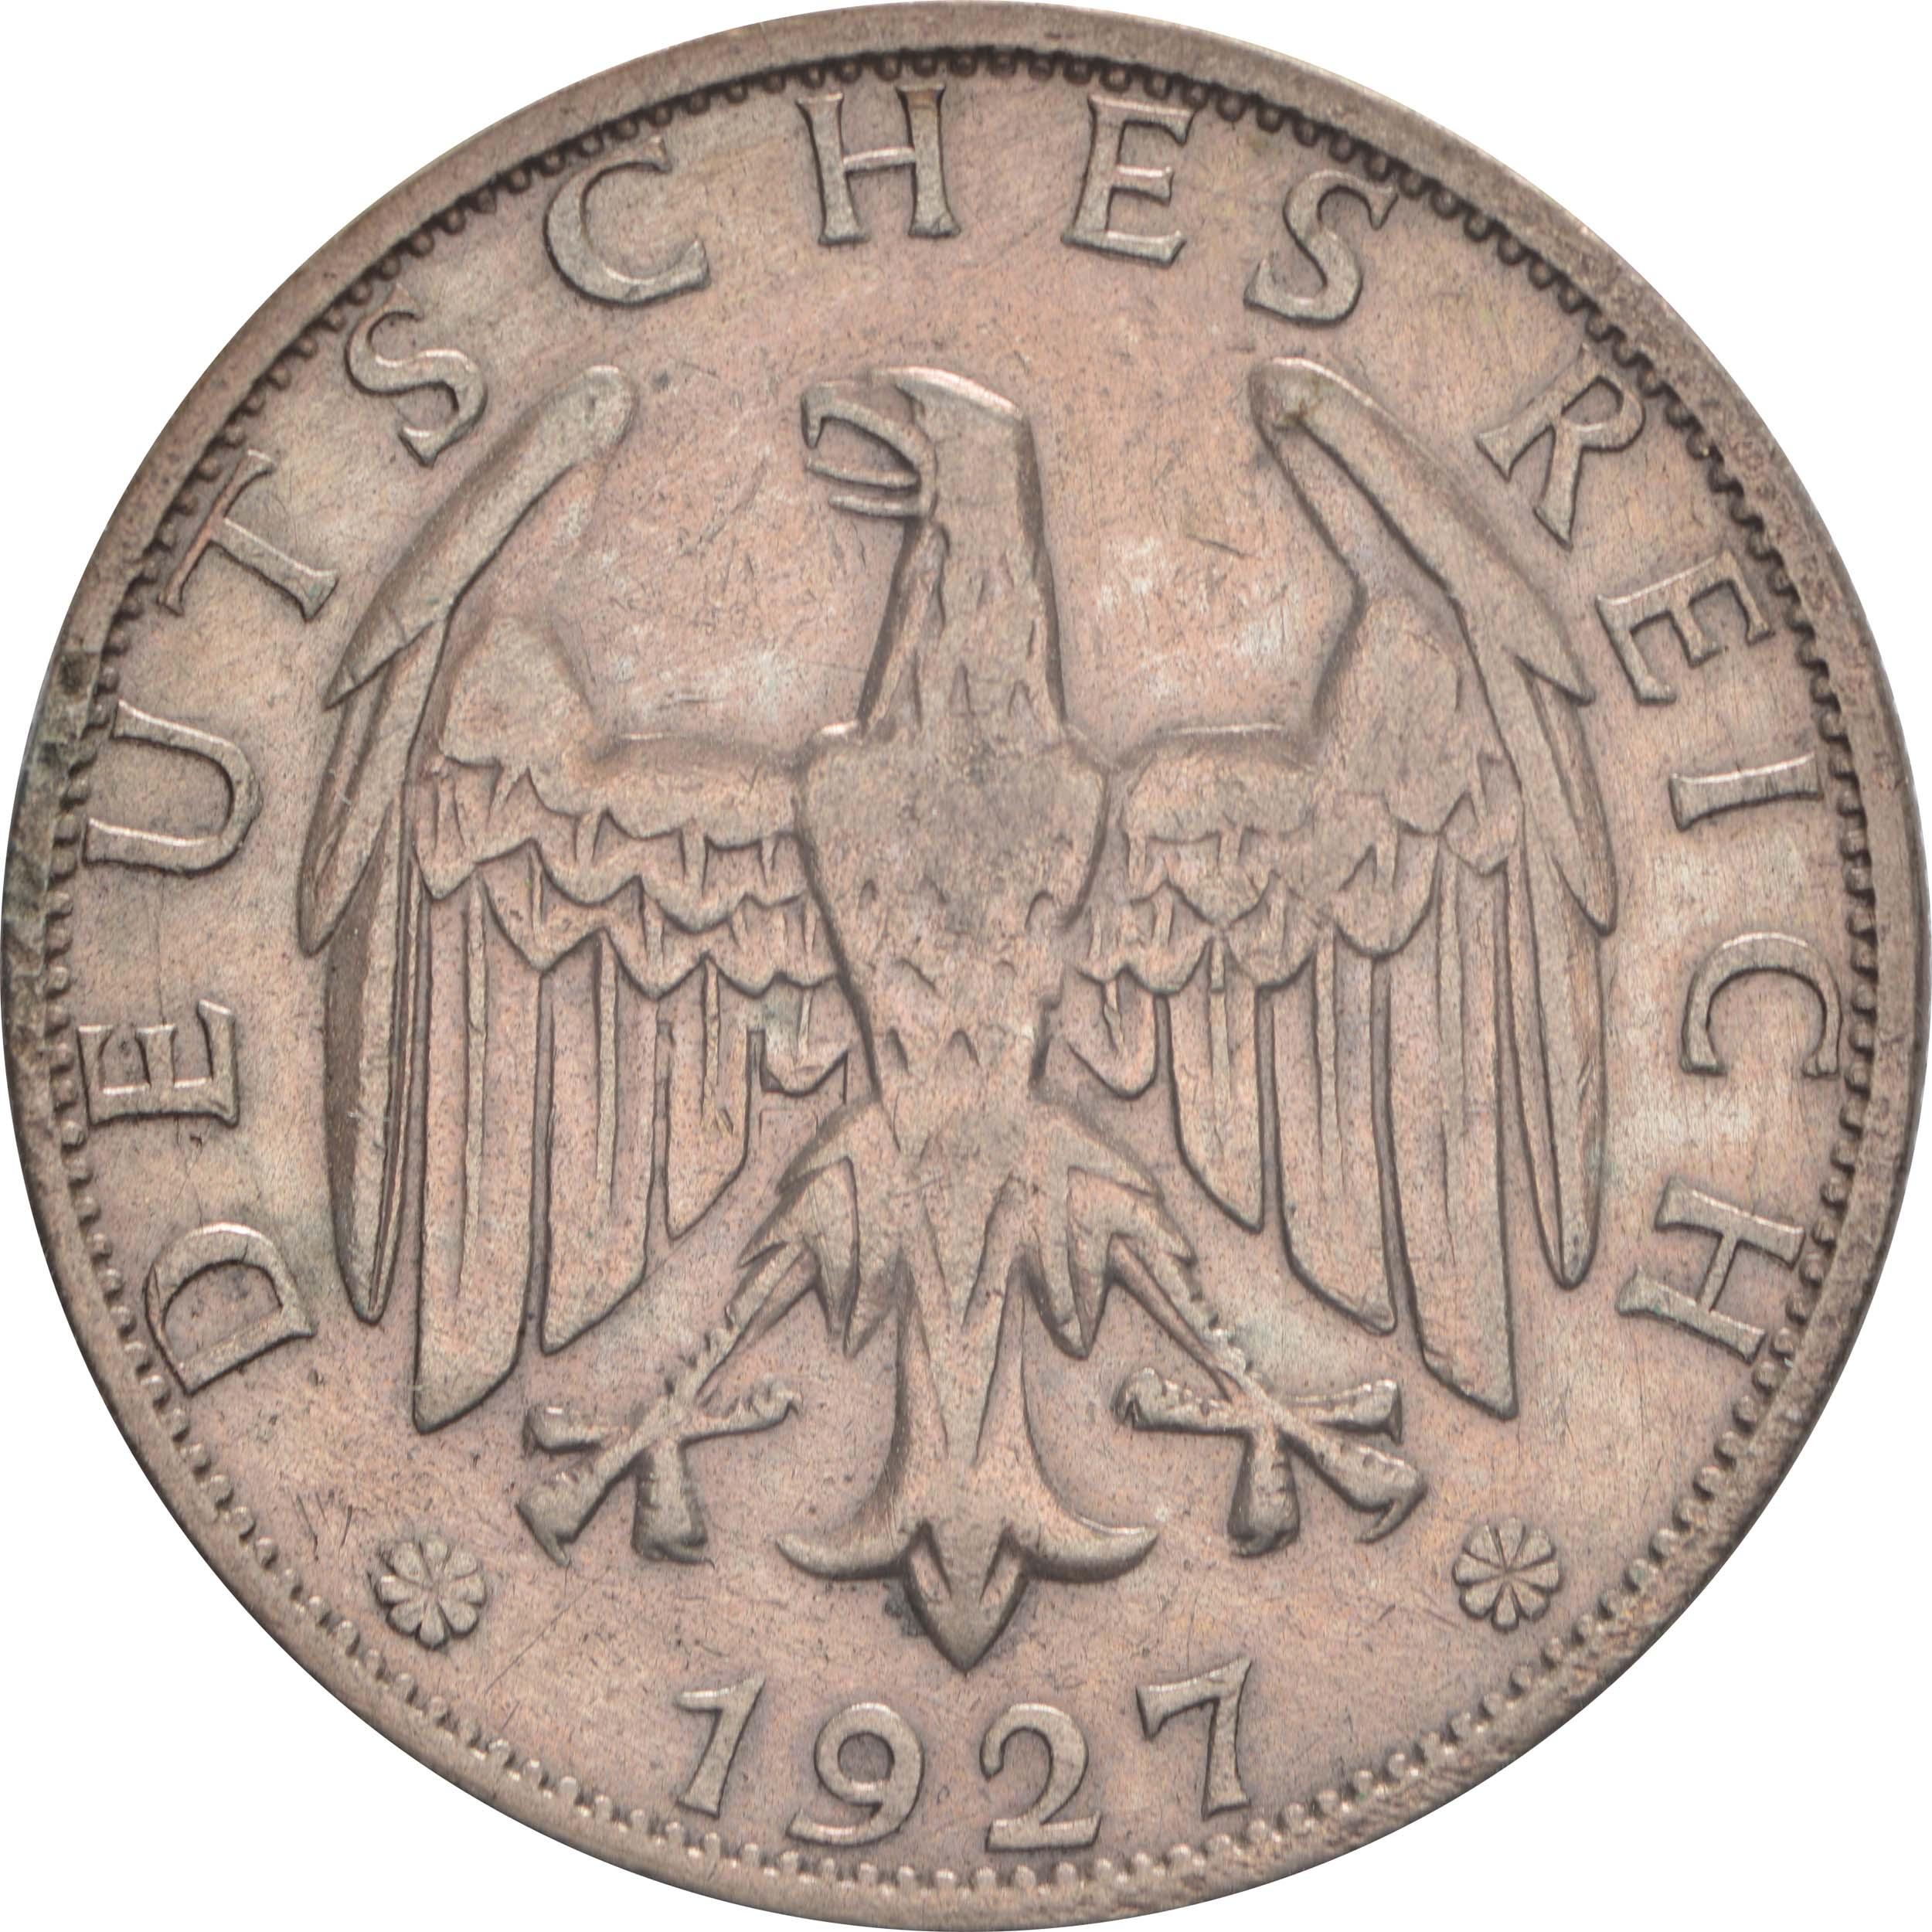 Bild der Rückseite :Deutschland - 2 Reichsmark Kursmünze  1927 ss.